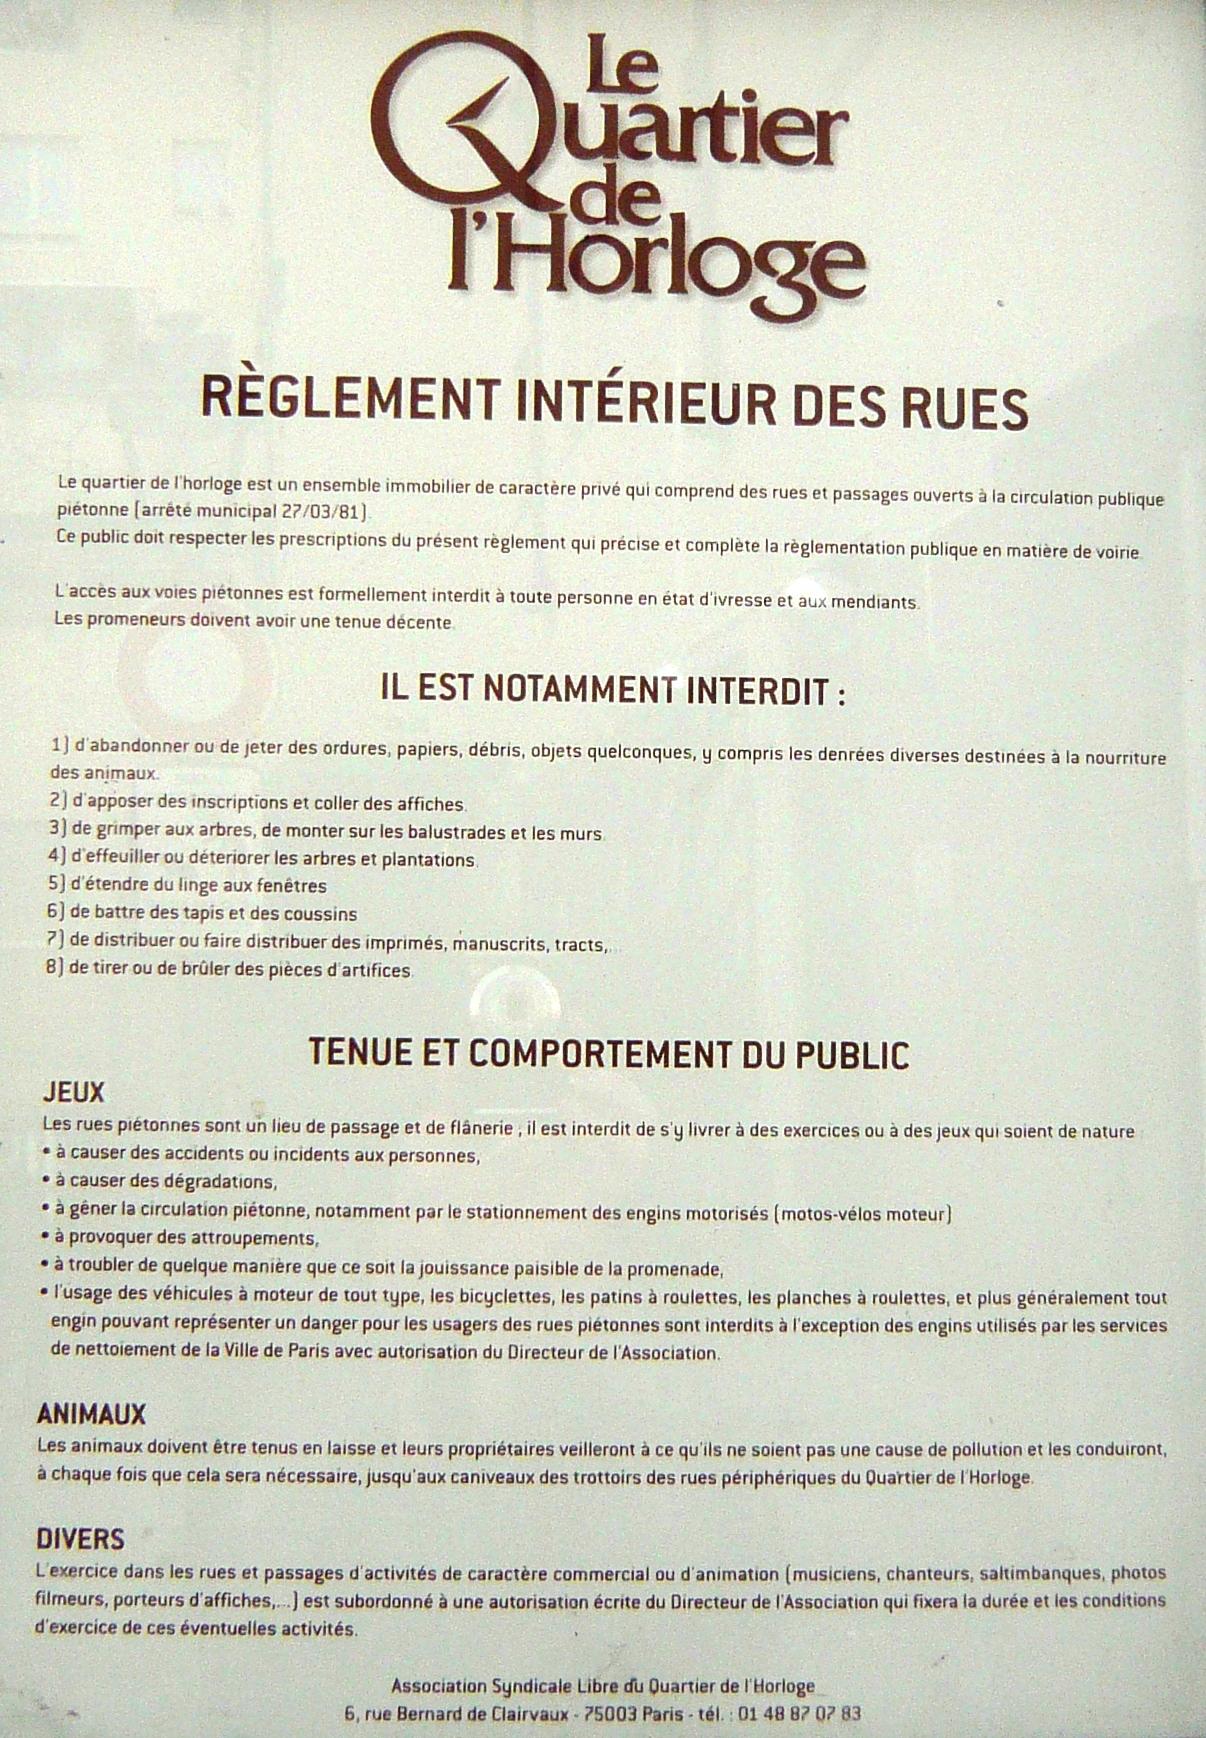 Règlement intérieur des rues du Quartier de l'Horloge : bicyclettes, planches à roulettes et patins à roulettes interdits.